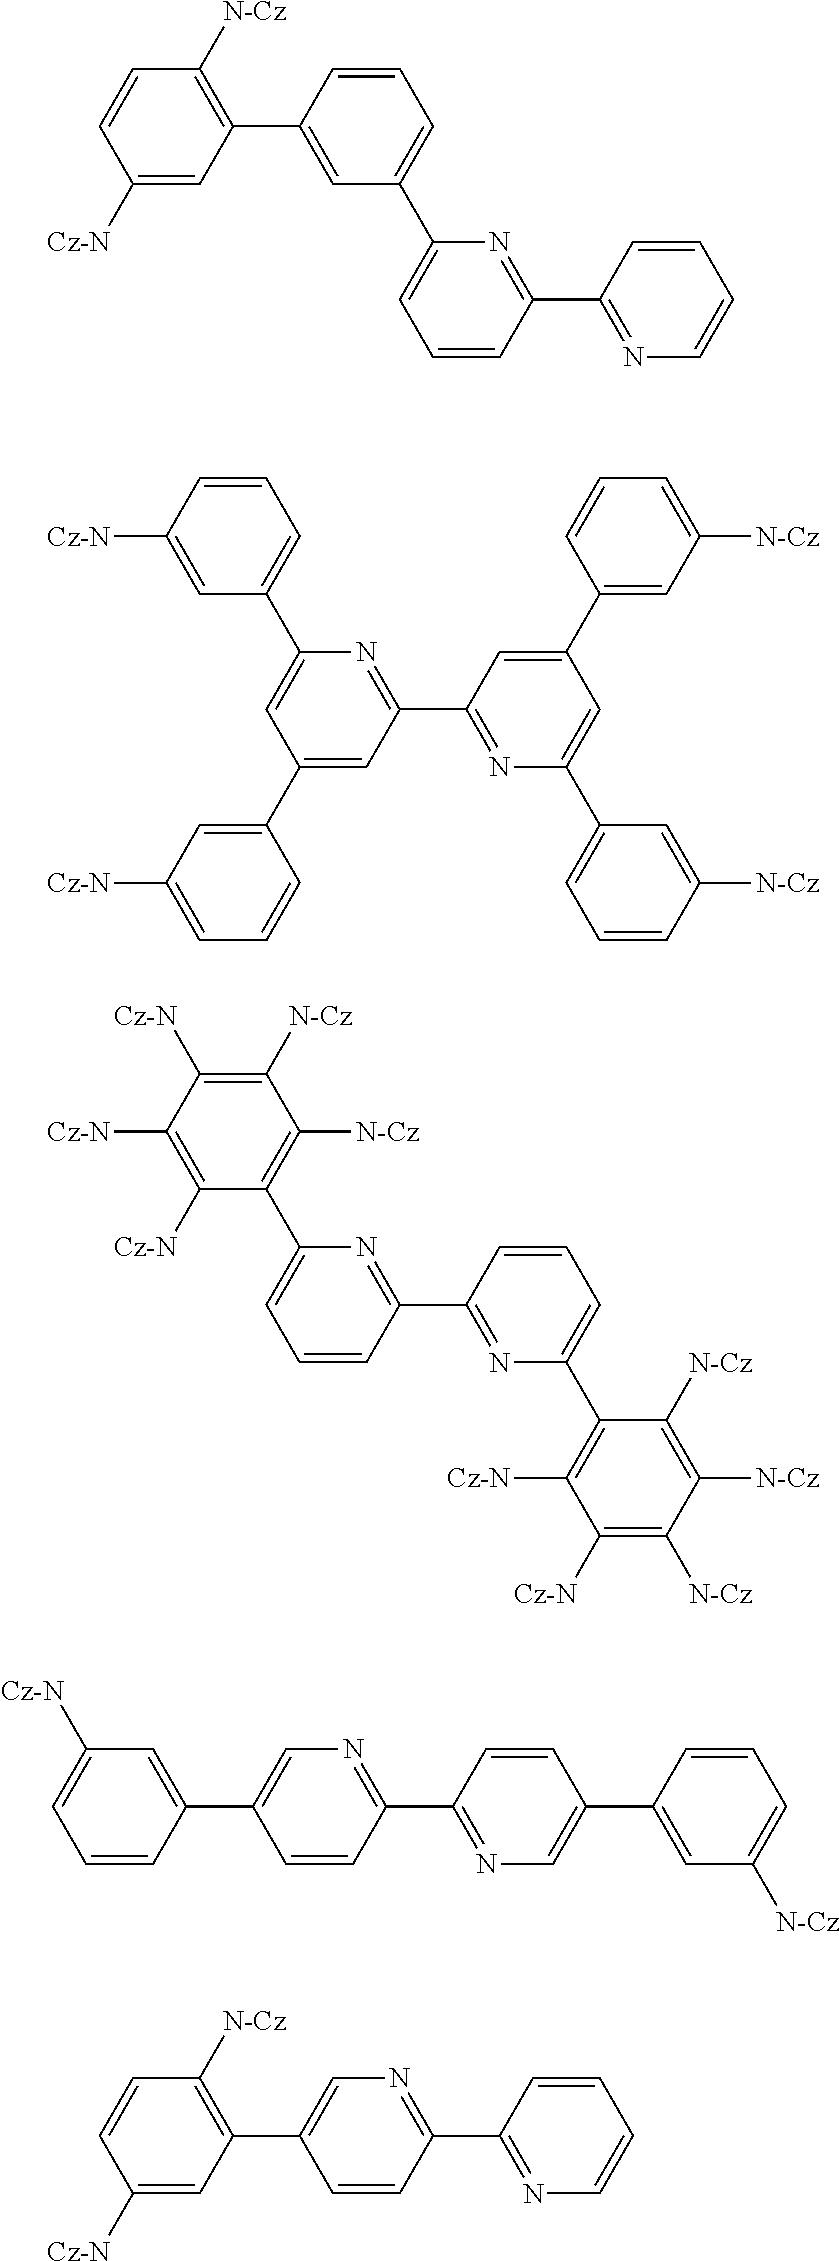 Figure US20110215312A1-20110908-C00066